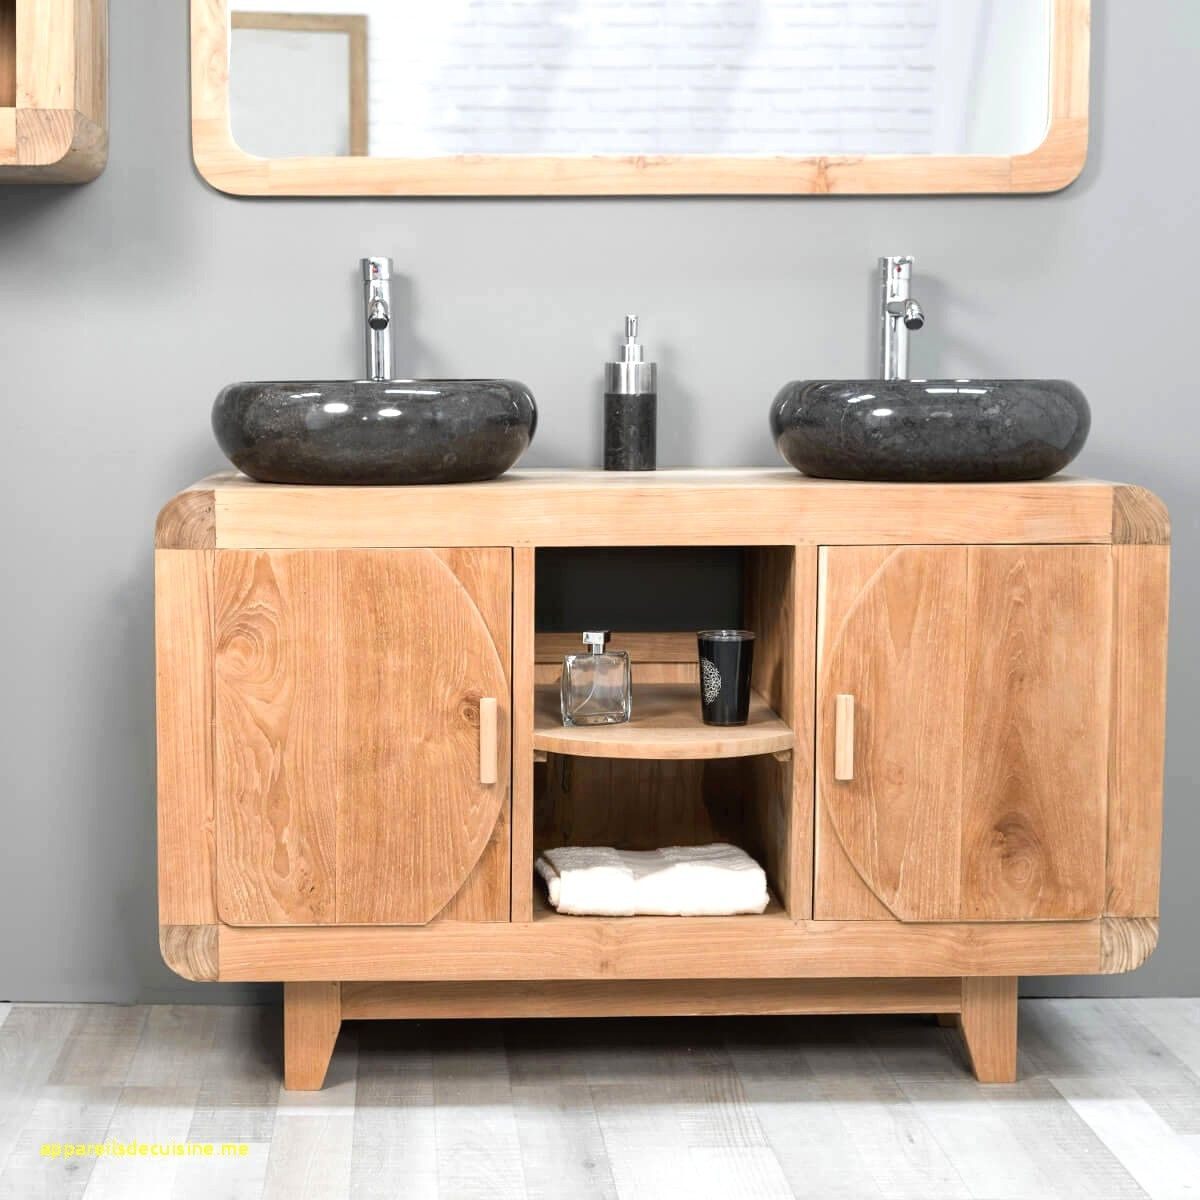 Tele Salle De Bain 201 meuble salle de bain alterna 2017 | diy tv stand, double